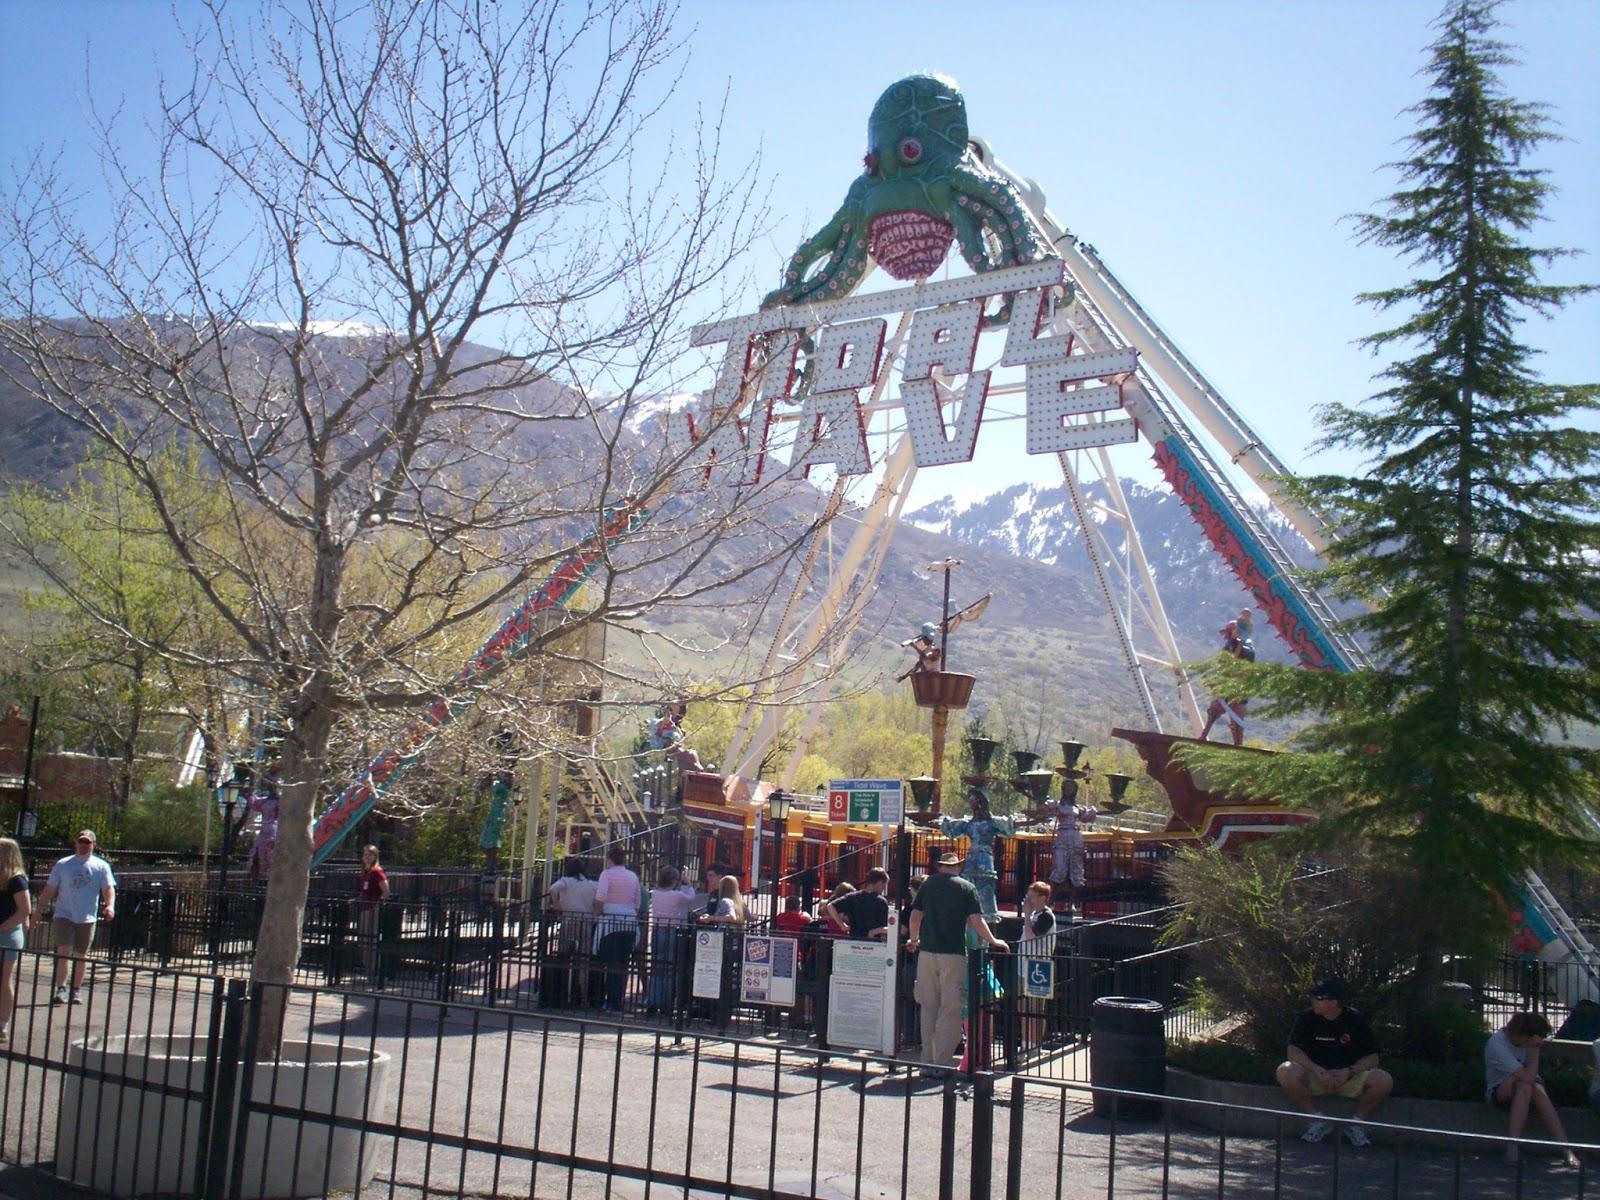 utah amusement parks